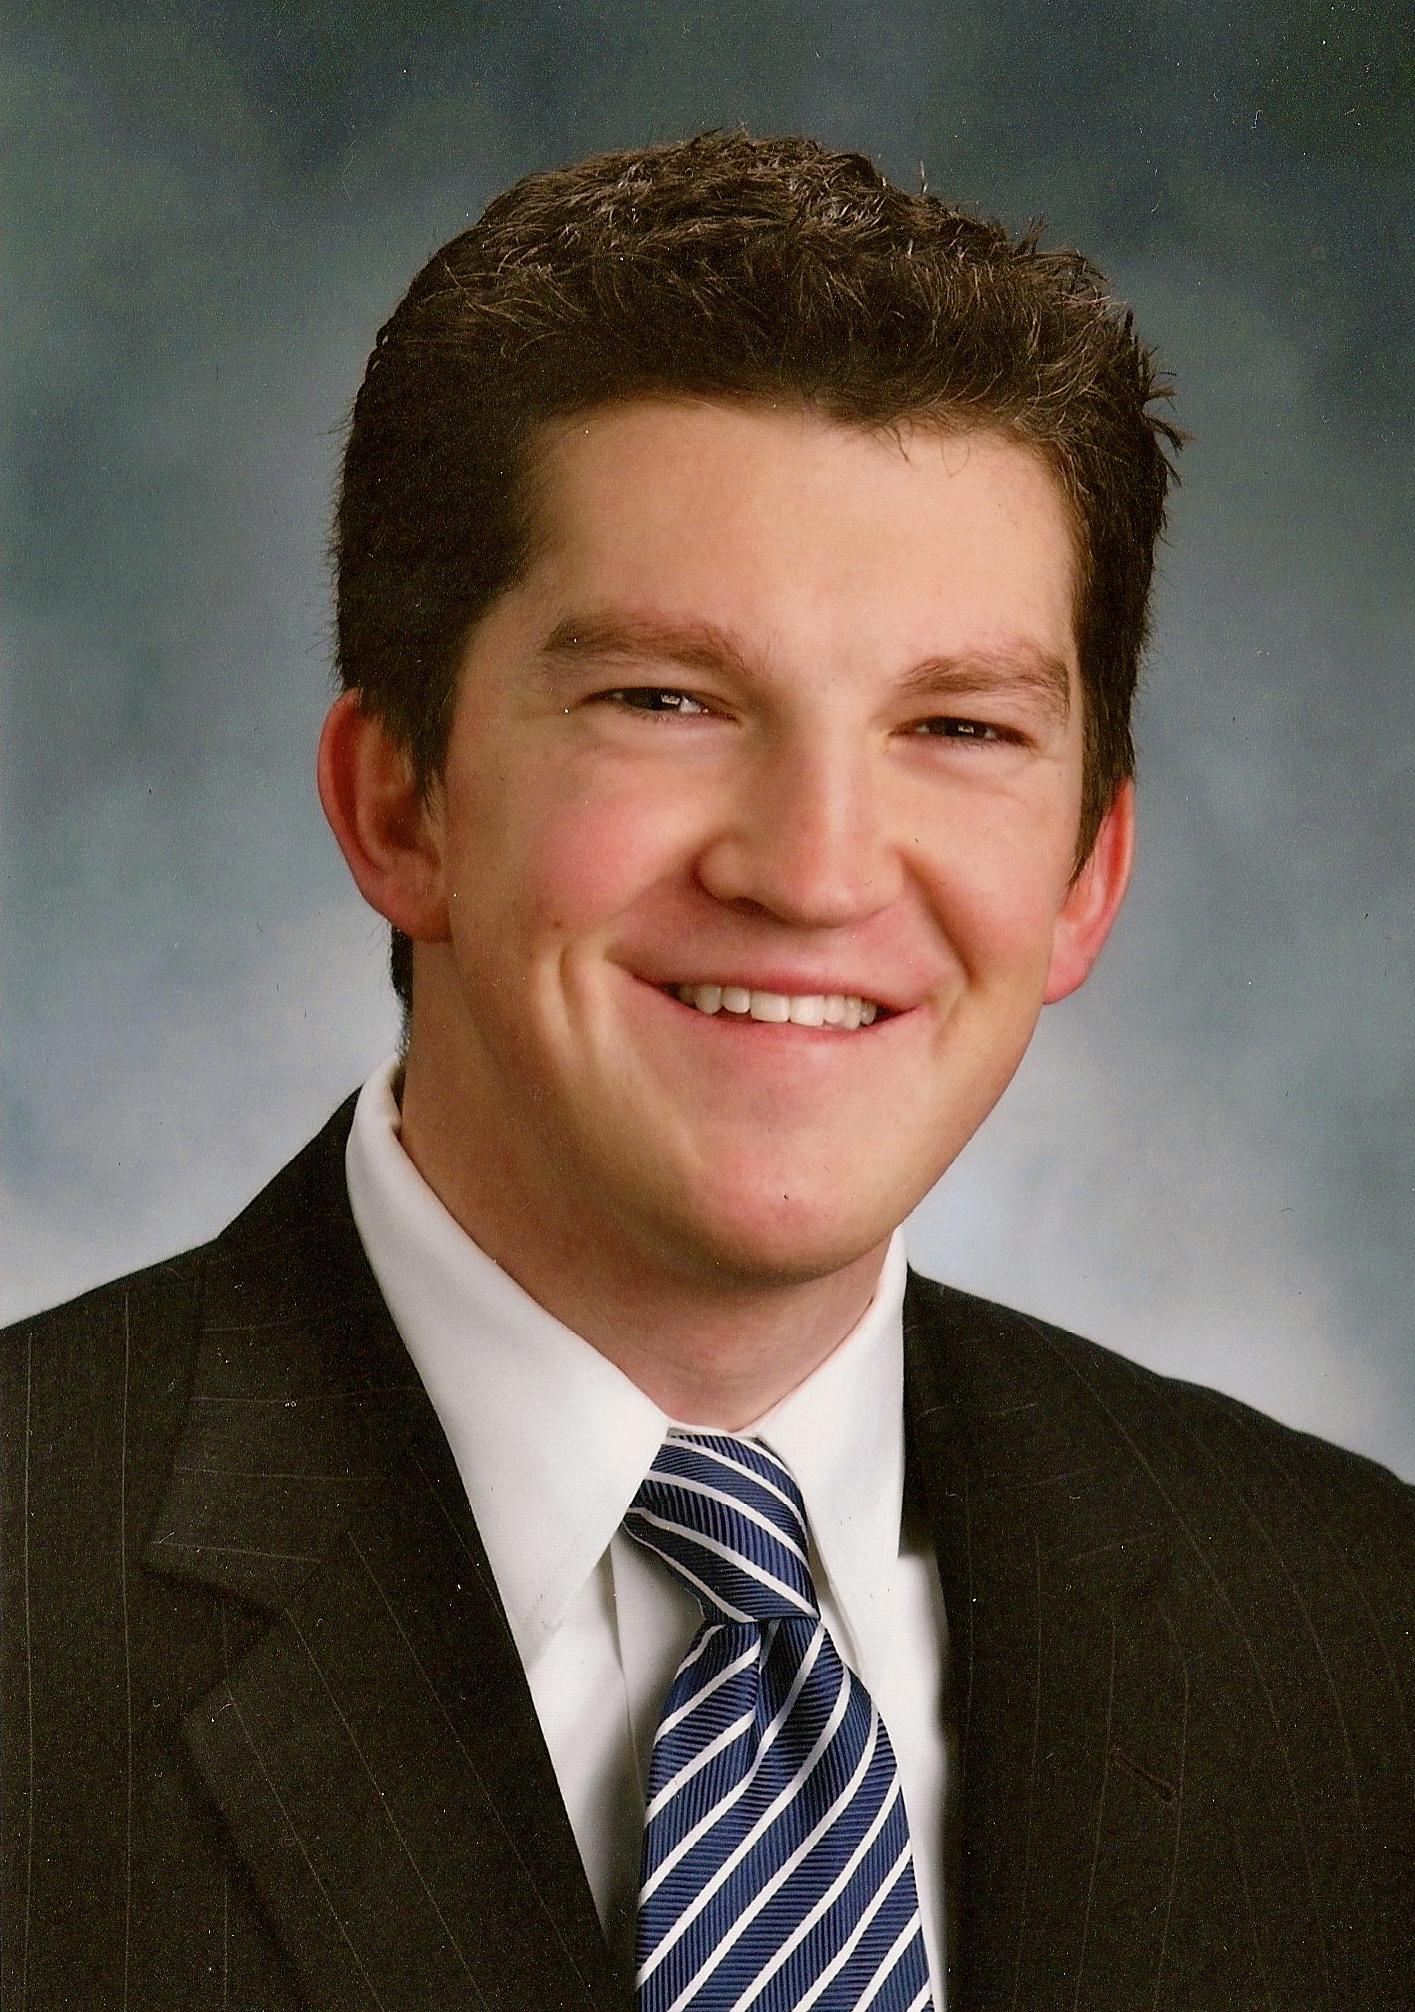 Joshua Boone of Cova Cowork